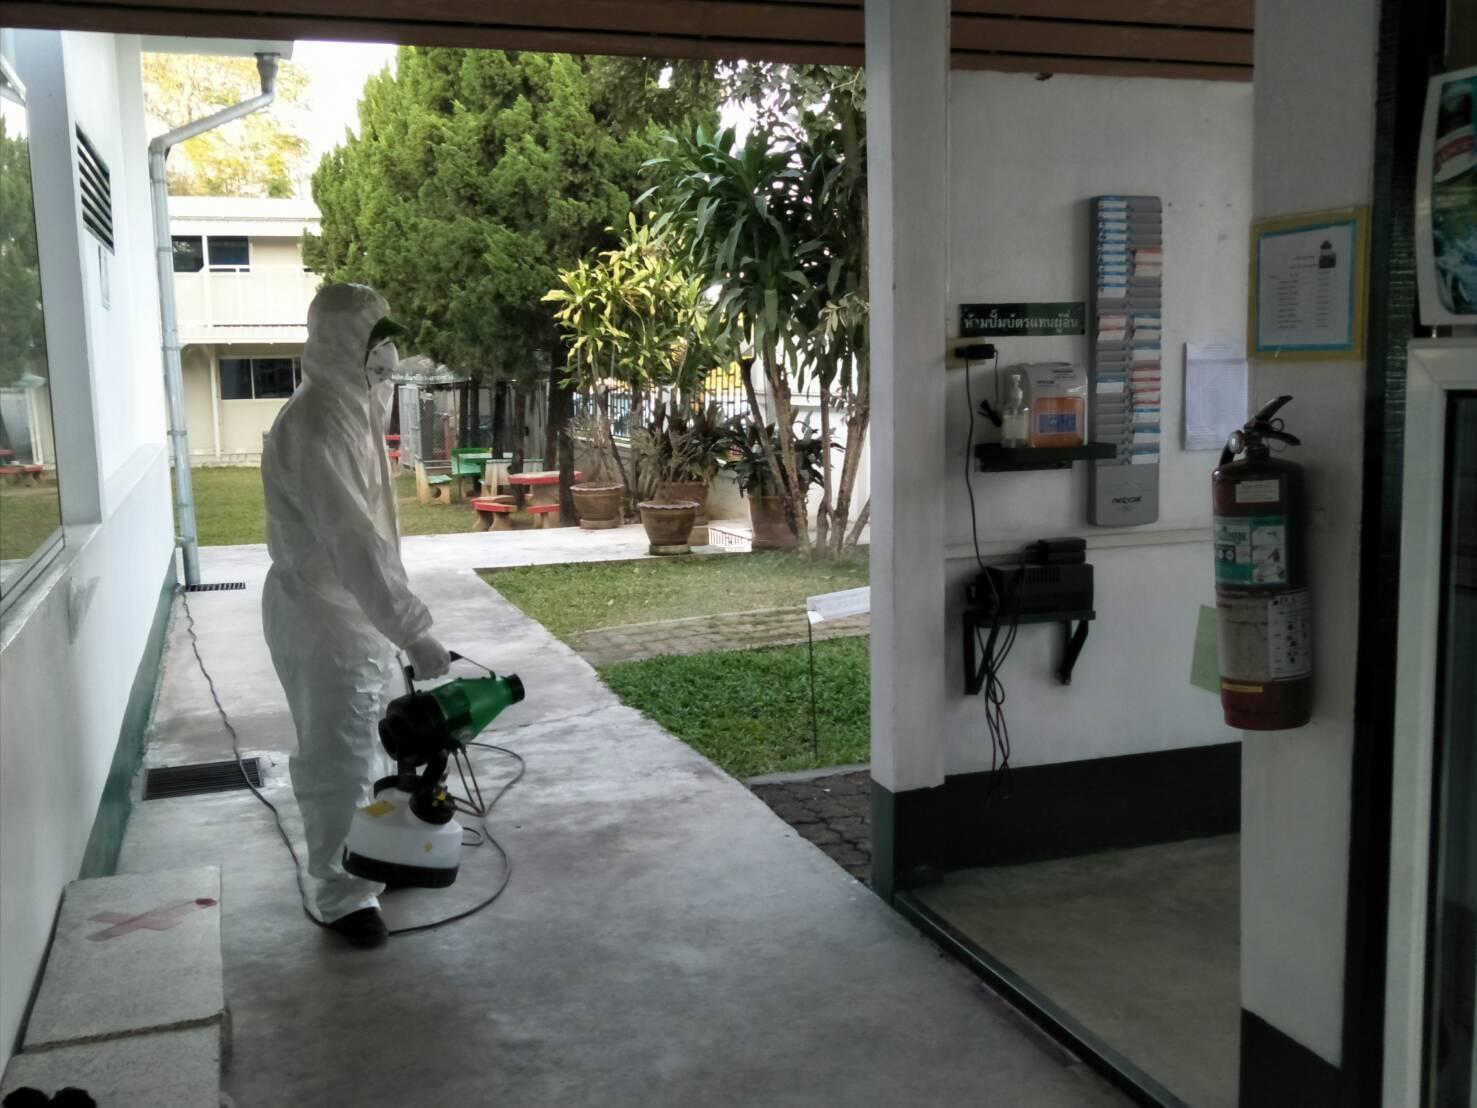 โรงงานหลวงฯ ที่ 2 (แม่จัน) จ.เชียงราย ดำเนินมาตรการป้องกันและติดตามเฝ้าระวังการแพร่ระบาดของเชื้อไวรัสโคโรนา 2019 (โควิด-19)